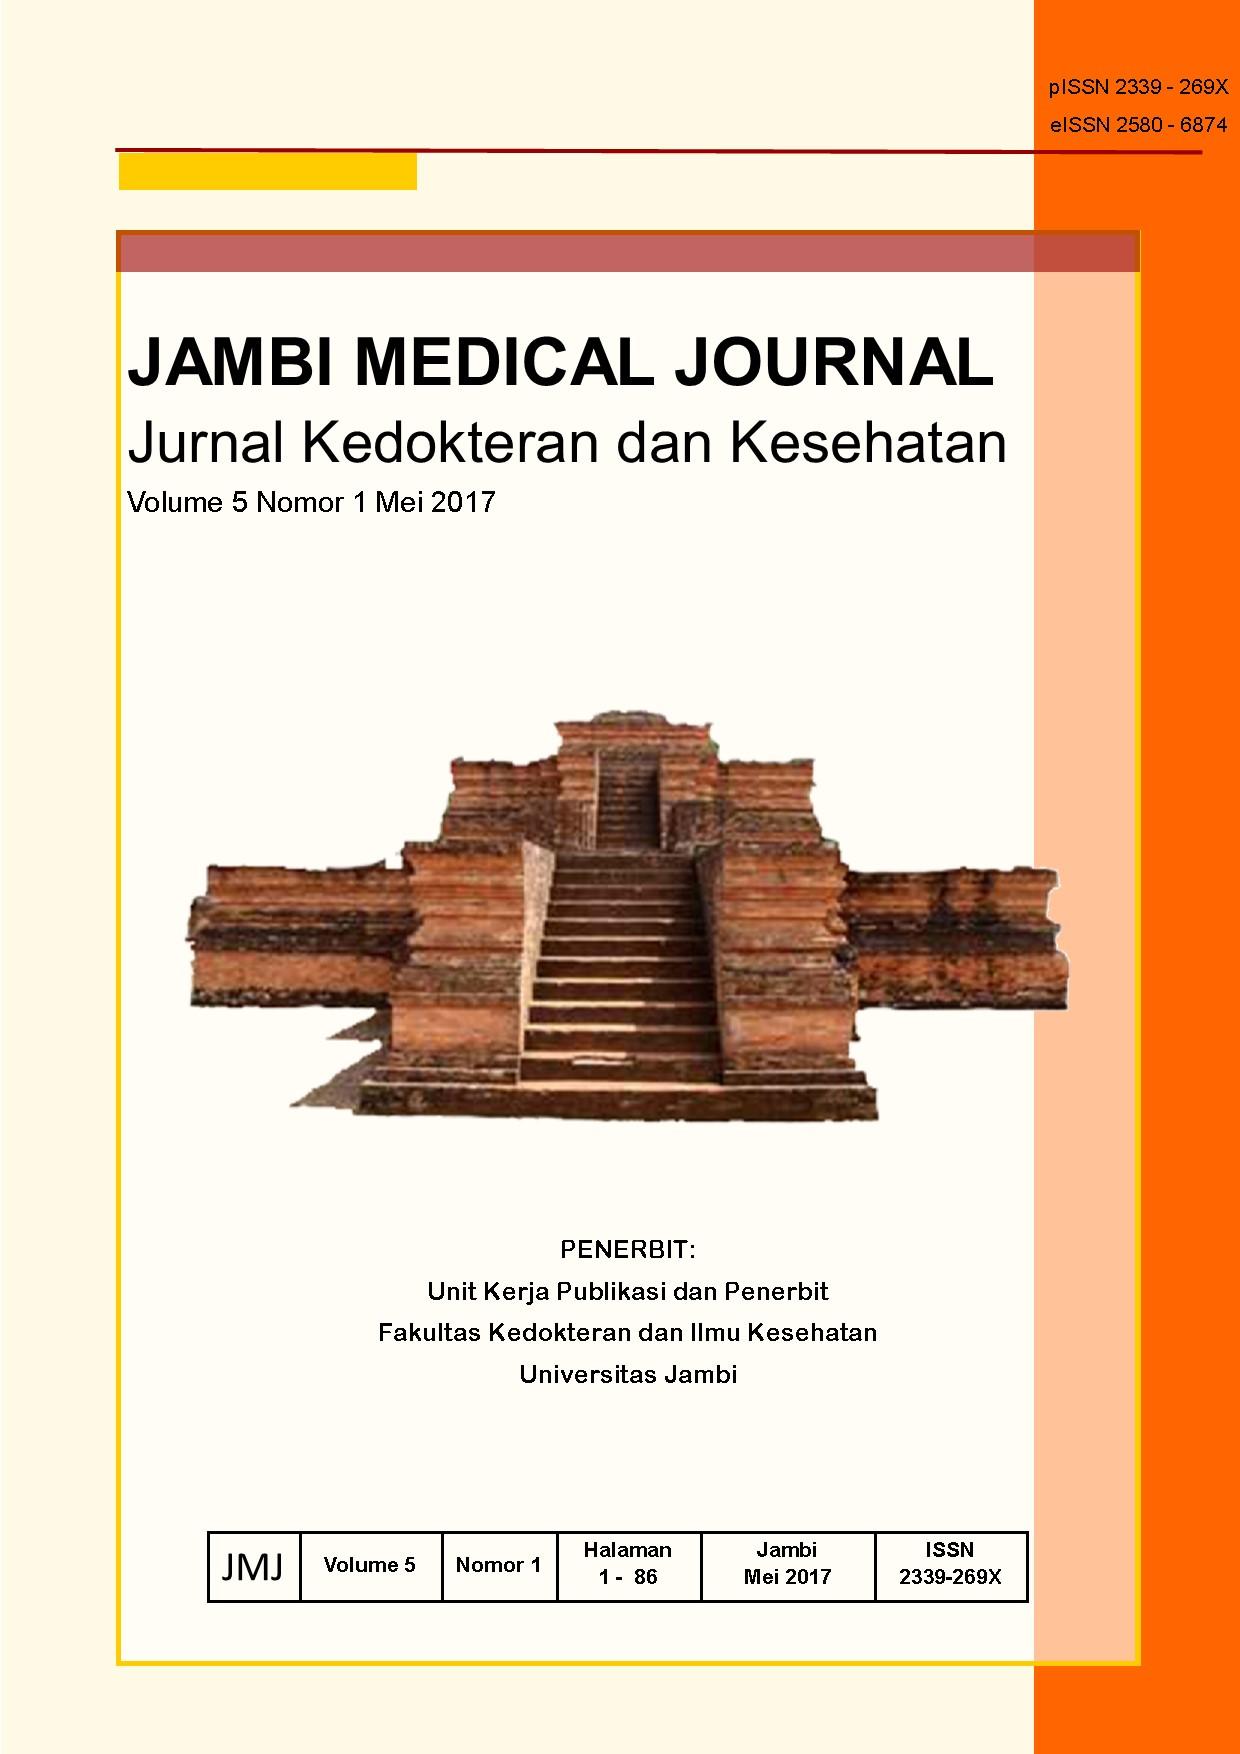 View Vol. 5 No. 1 (2017): JAMBI MEDICAL JOURNAL Jurnal Kedokteran dan Kesehatan